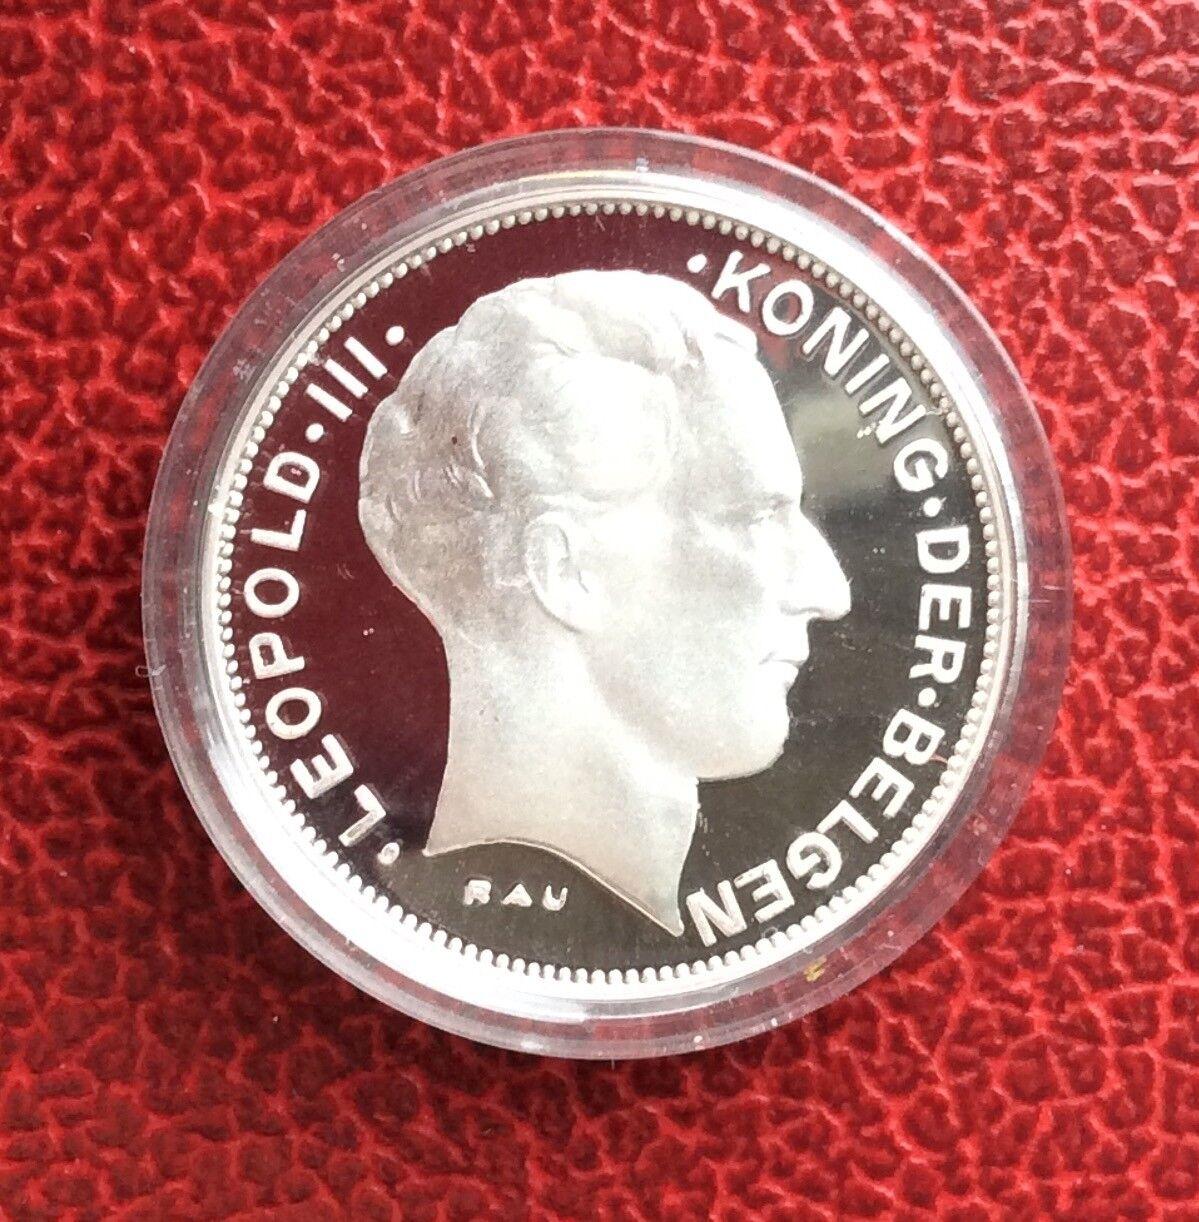 Belgique - Refrappe officielle de la Monnaie Royale - Rare 5 Francs 1941 VL - Ag